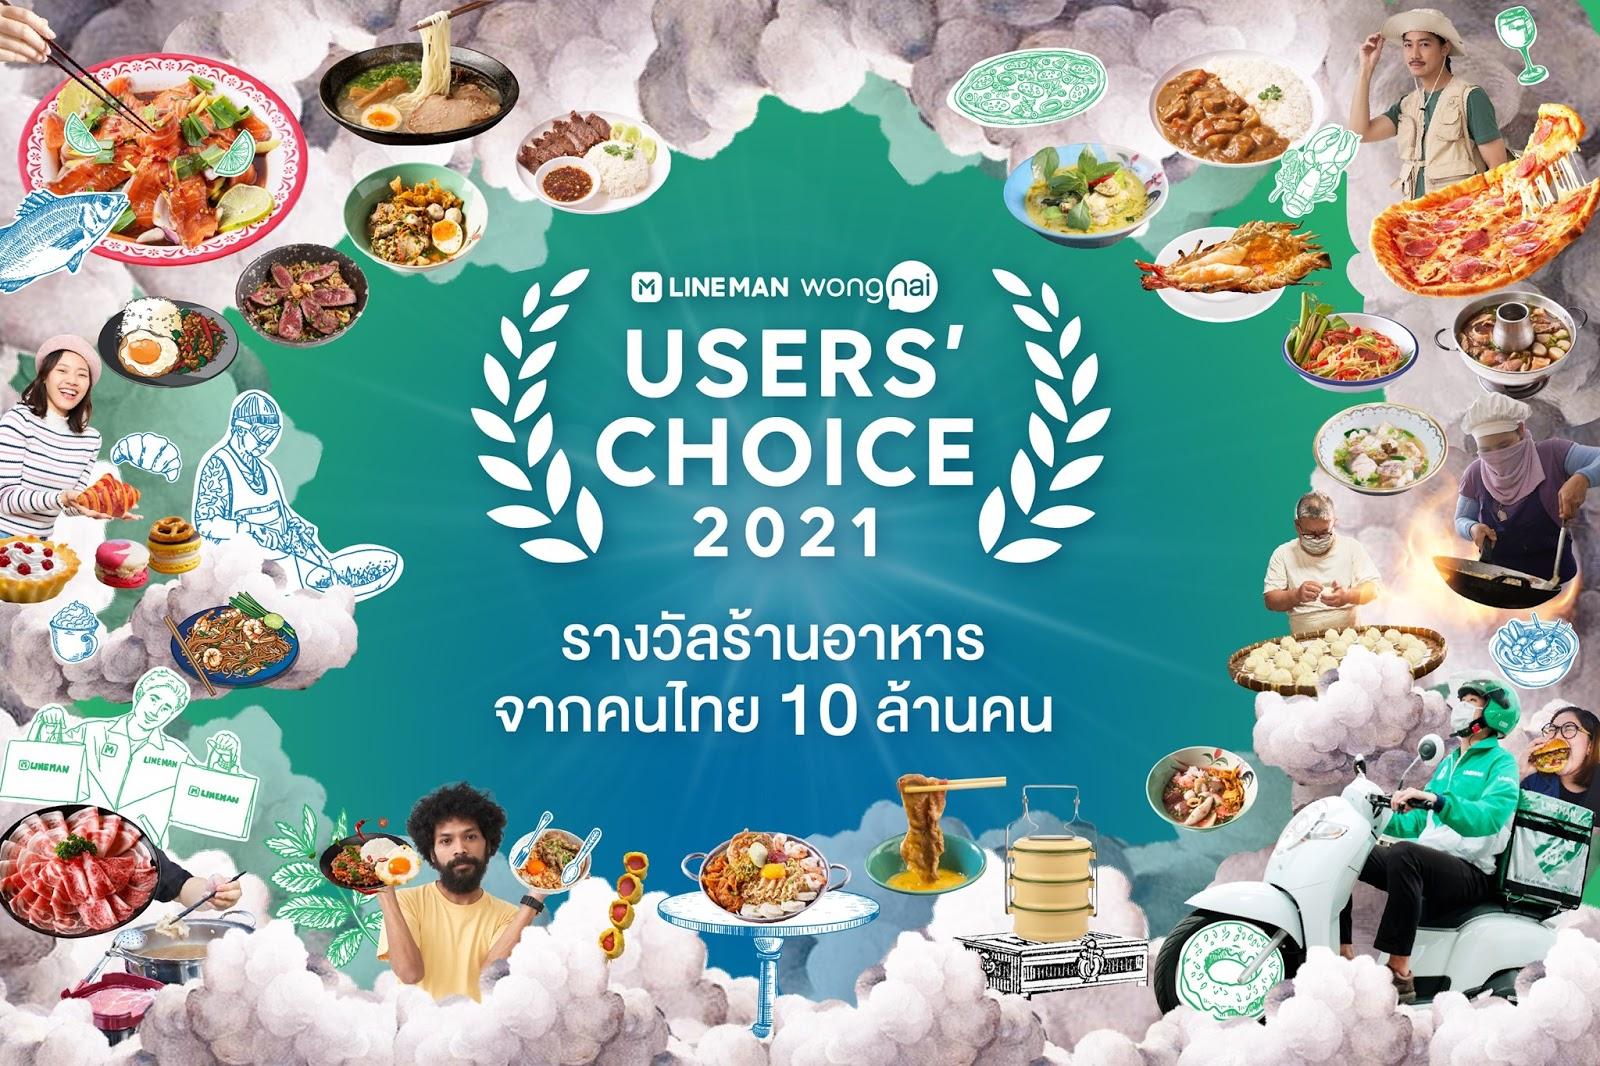 เปิดโผ LINE MAN Wongnai Users Choice 2021 รางวัลสุดยอดร้านอาหารแห่งปีของคนไทย เพื่อคนไทย